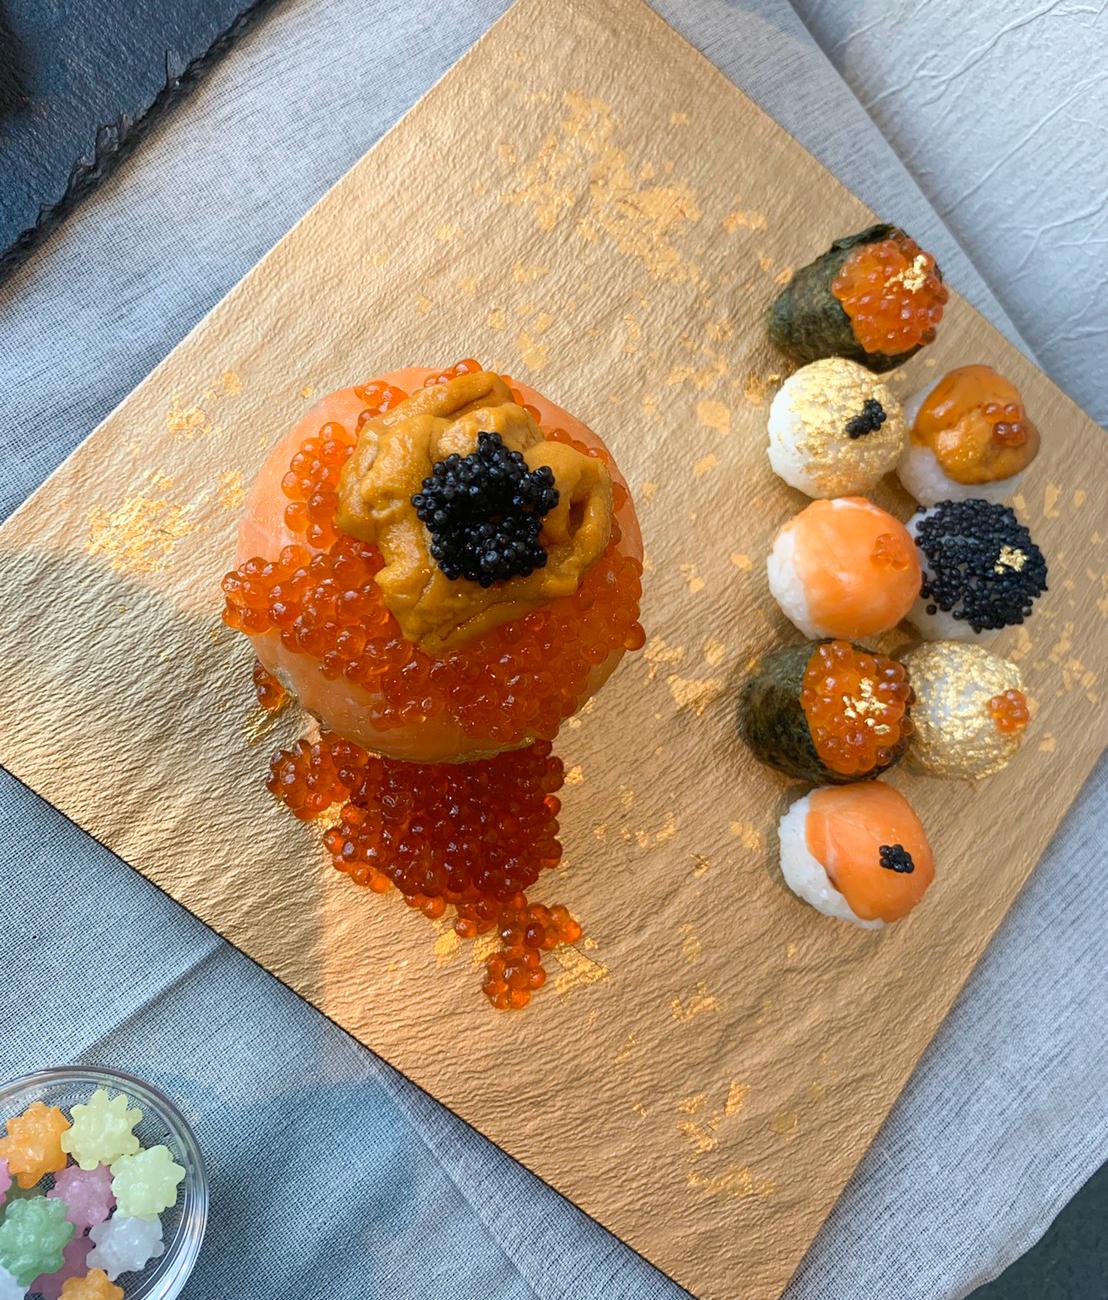 高級手まり寿司:体験型Dining「和色 ‐WASHOKU- 」の先行試食会にて(2019年11月18日:PRINCESS ONLINE編集部)